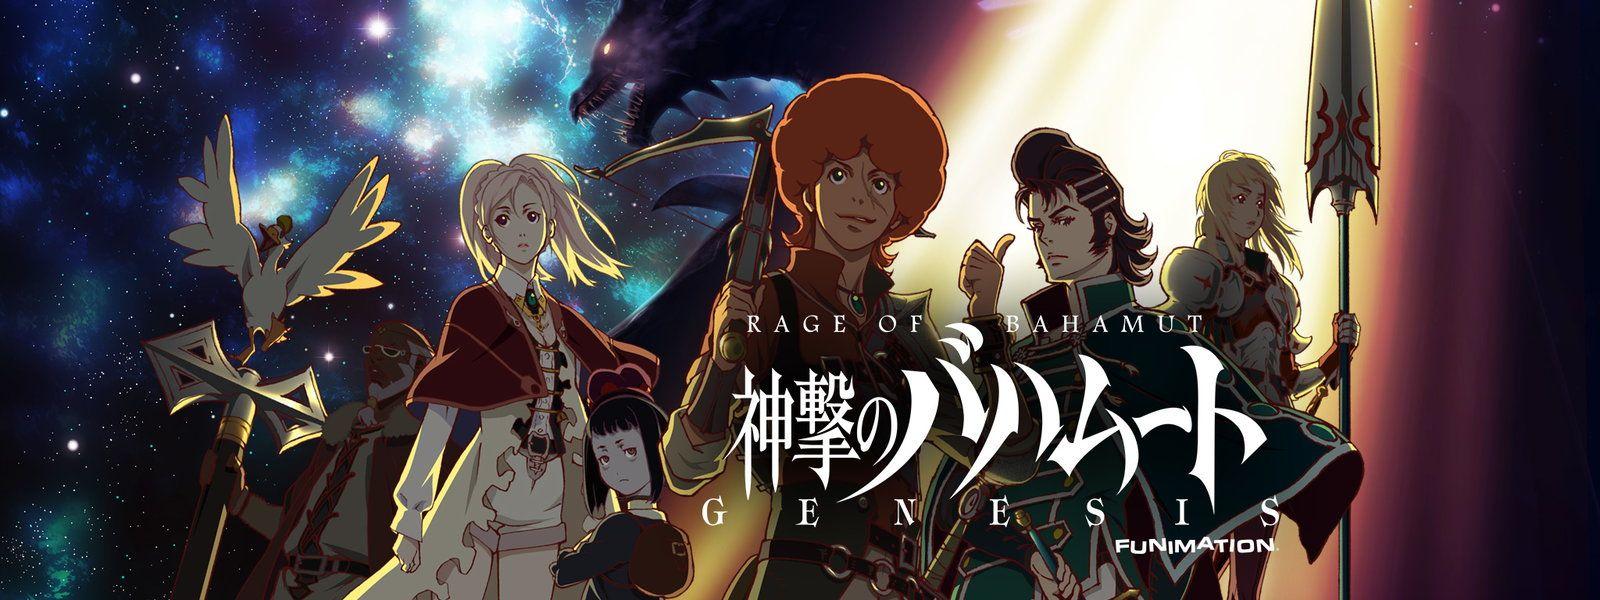 Rage of Bahamut Genesis Anime english dubbed, Anime